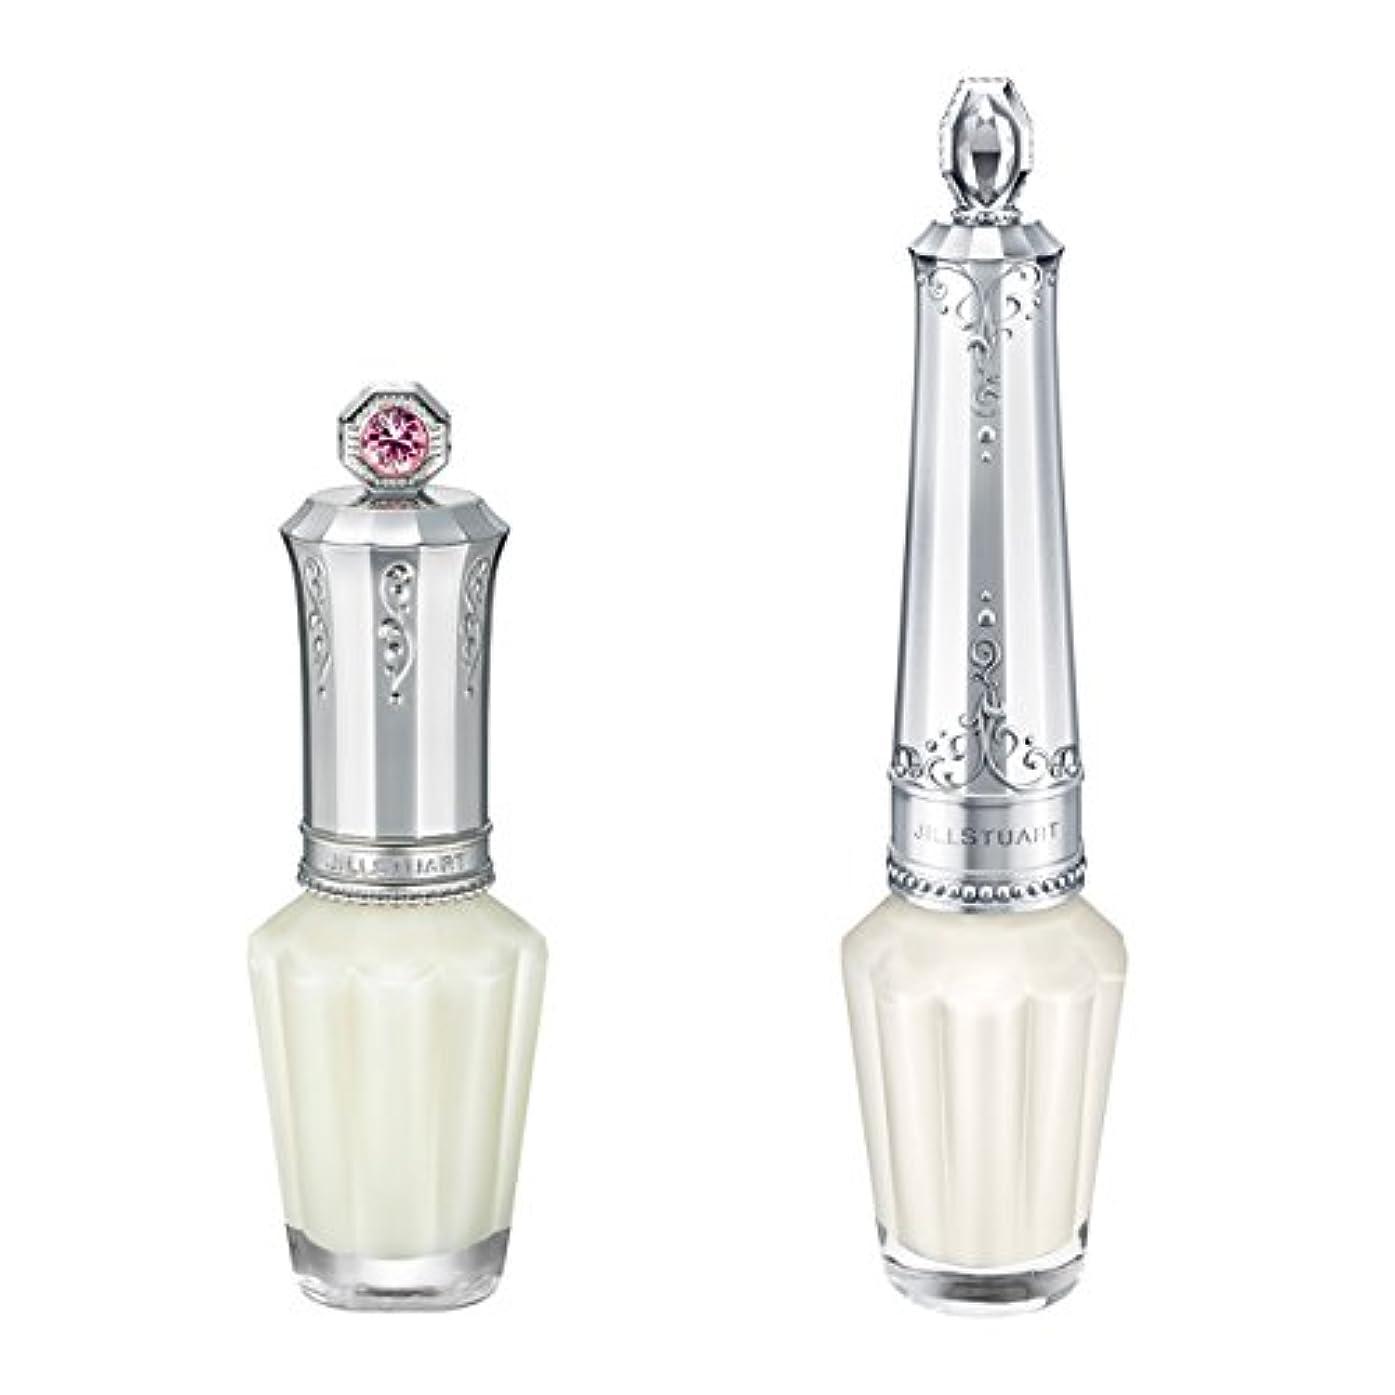 スピーカー船員吸うジルスチュアート シースルーデコレーション ネイルズ #01 See-through Dress White